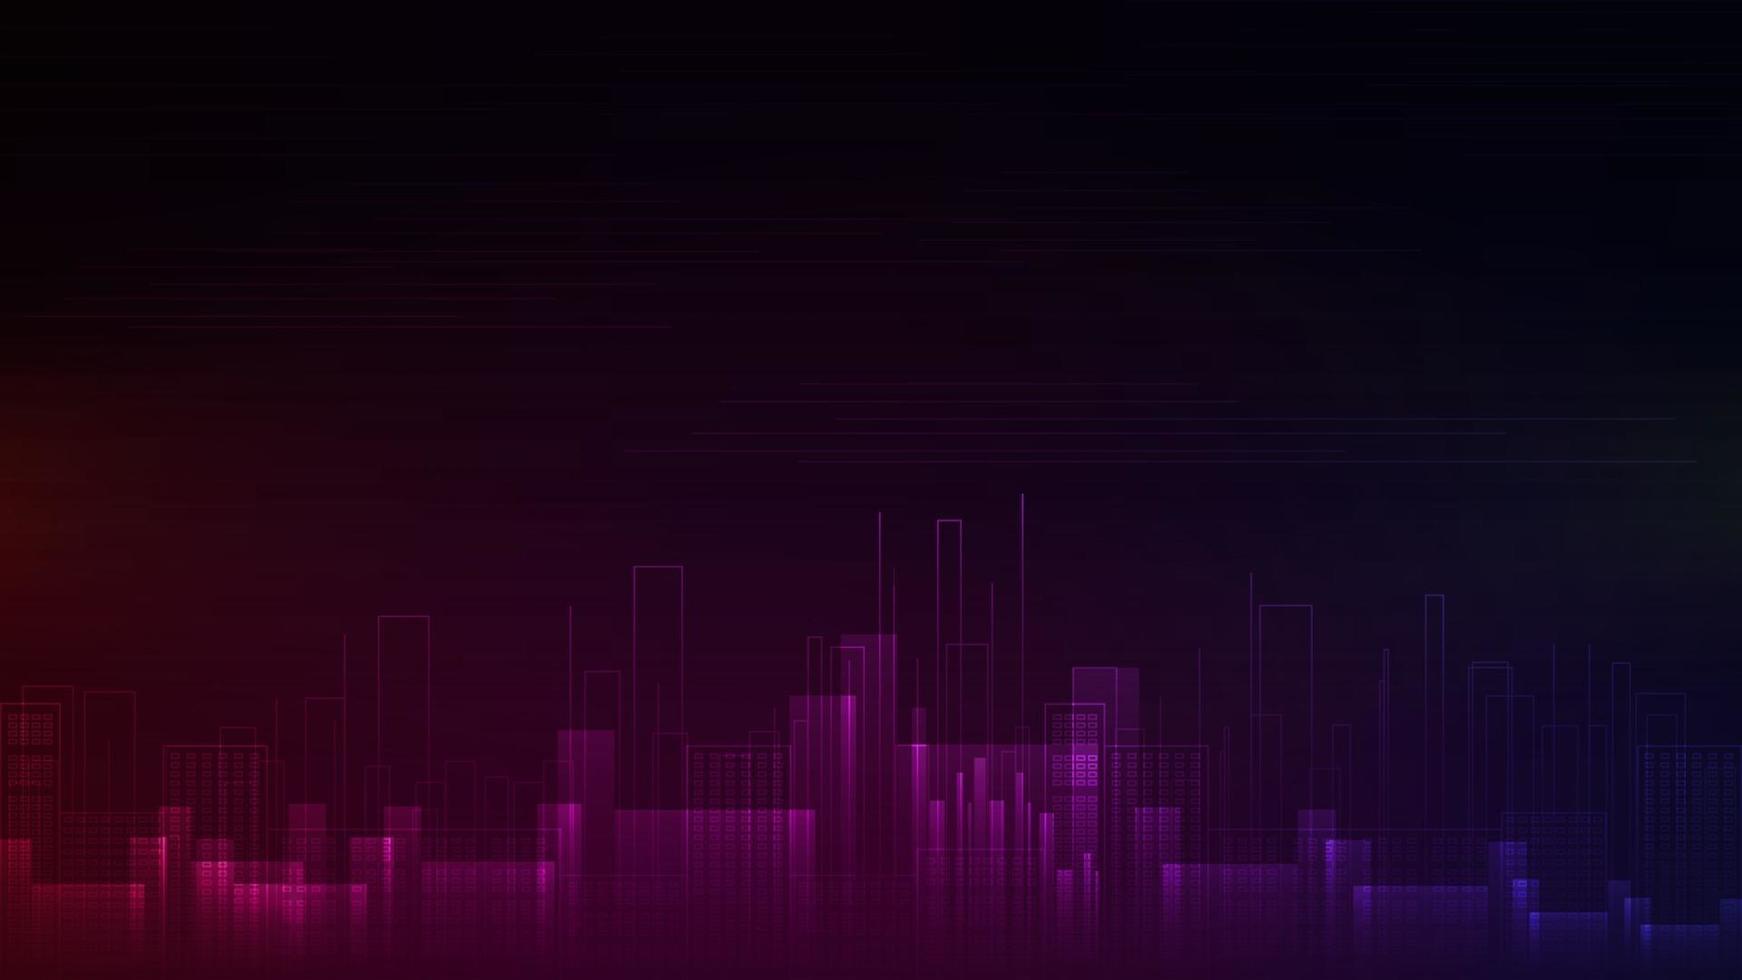 paysage urbain dans le style de ligne numérique dans les couleurs roses et bleus. fond avec la silhouette de la ville du futur vecteur